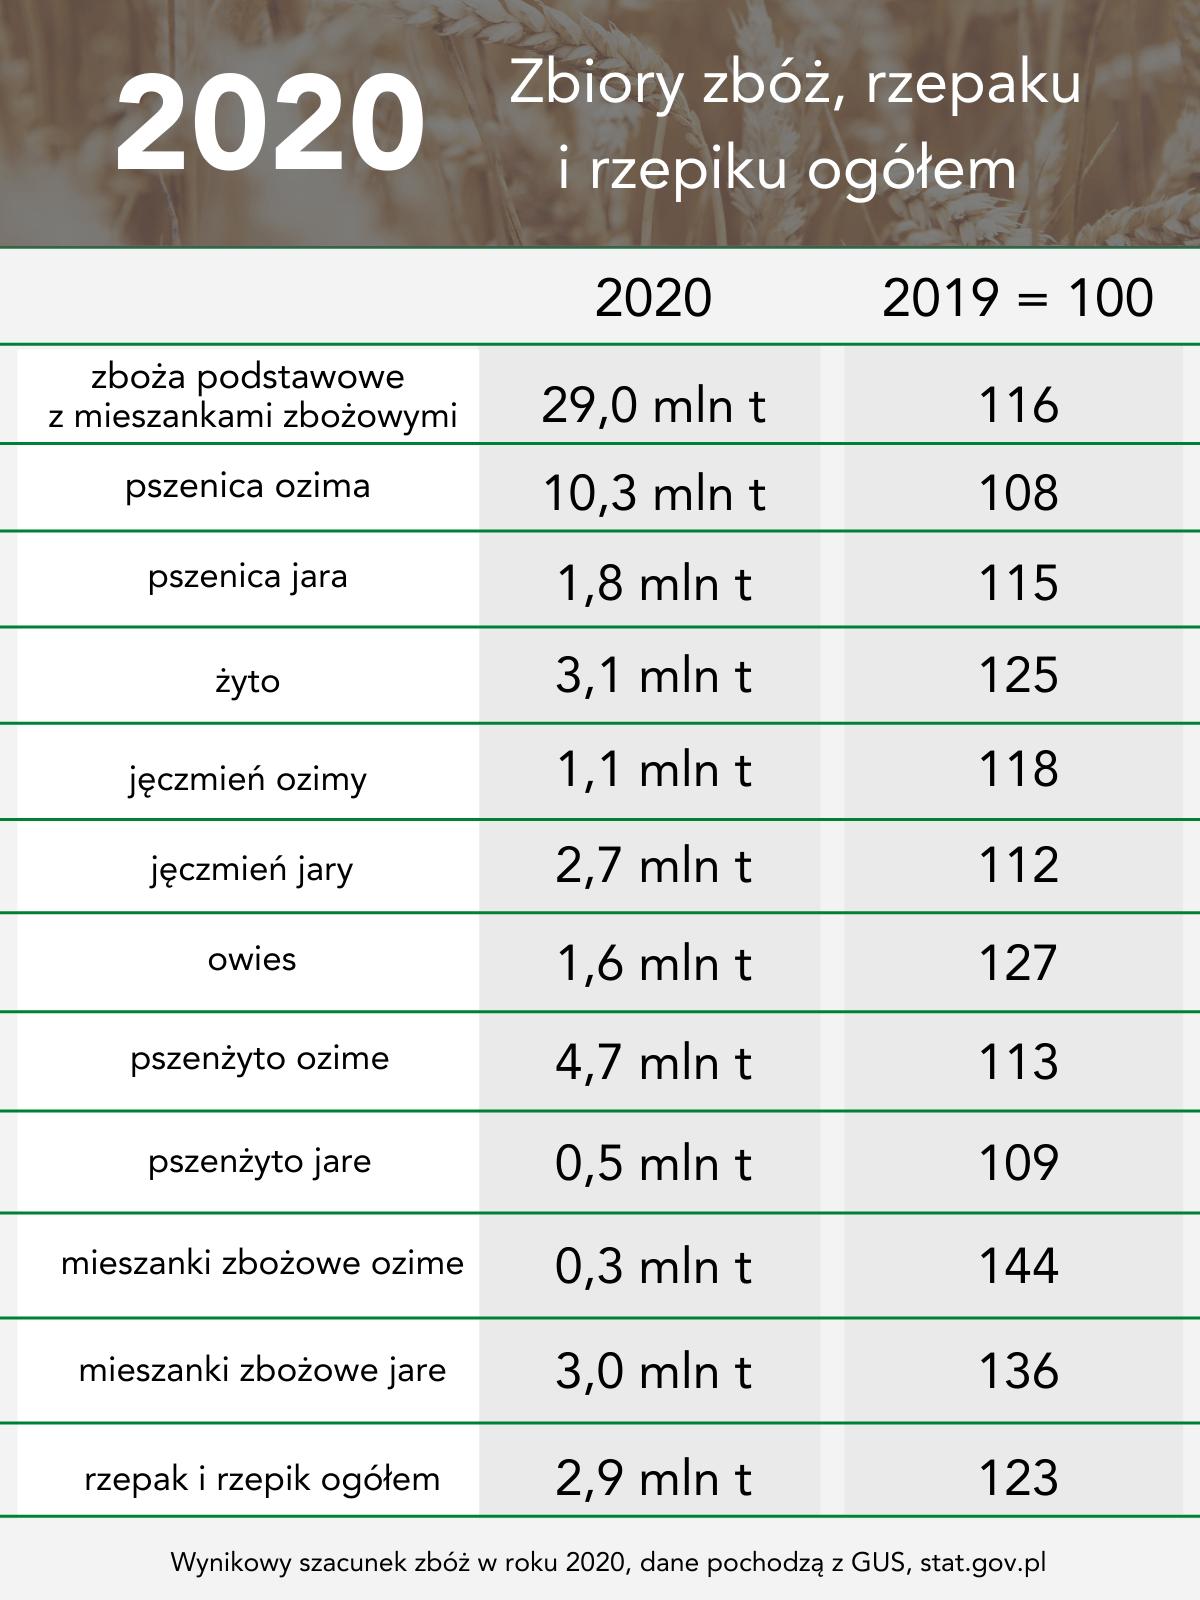 Tabela przedstawiająca wyniki zbiorów zbóż w roku 2020 i porównanie z rokiem 2019